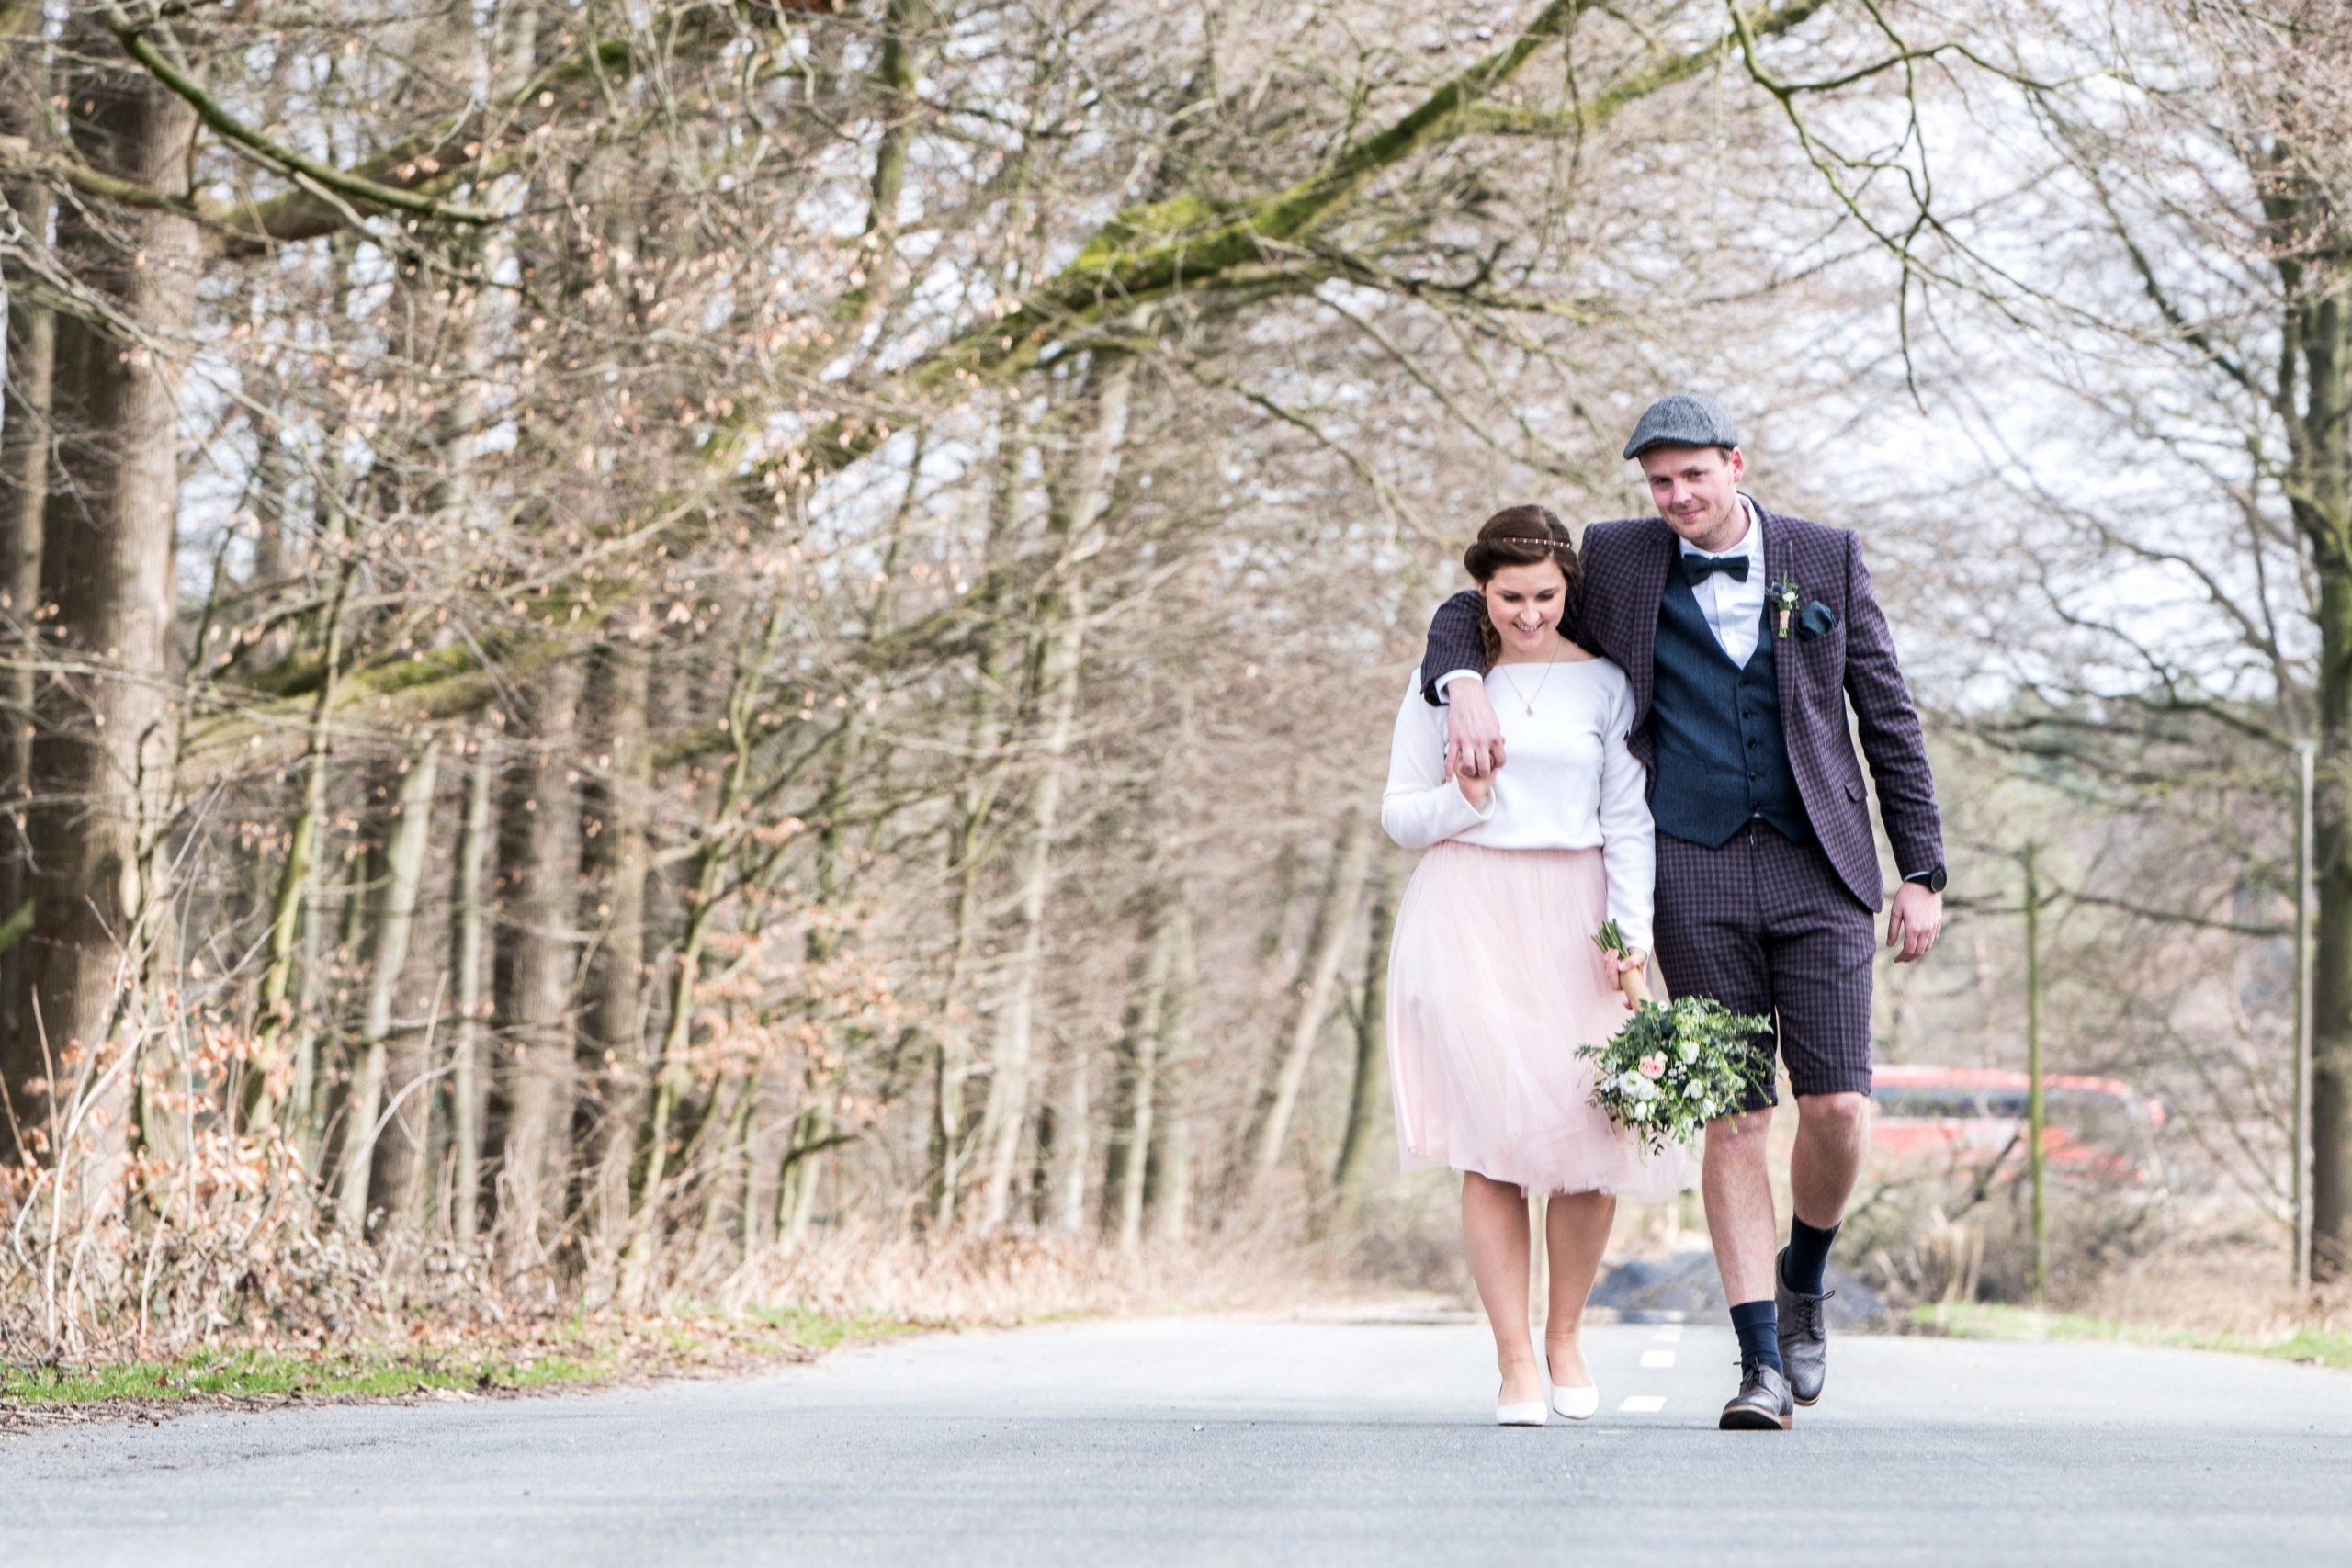 Kurzes Brautkleid für die Hochzeit im Frühling oder Herbst